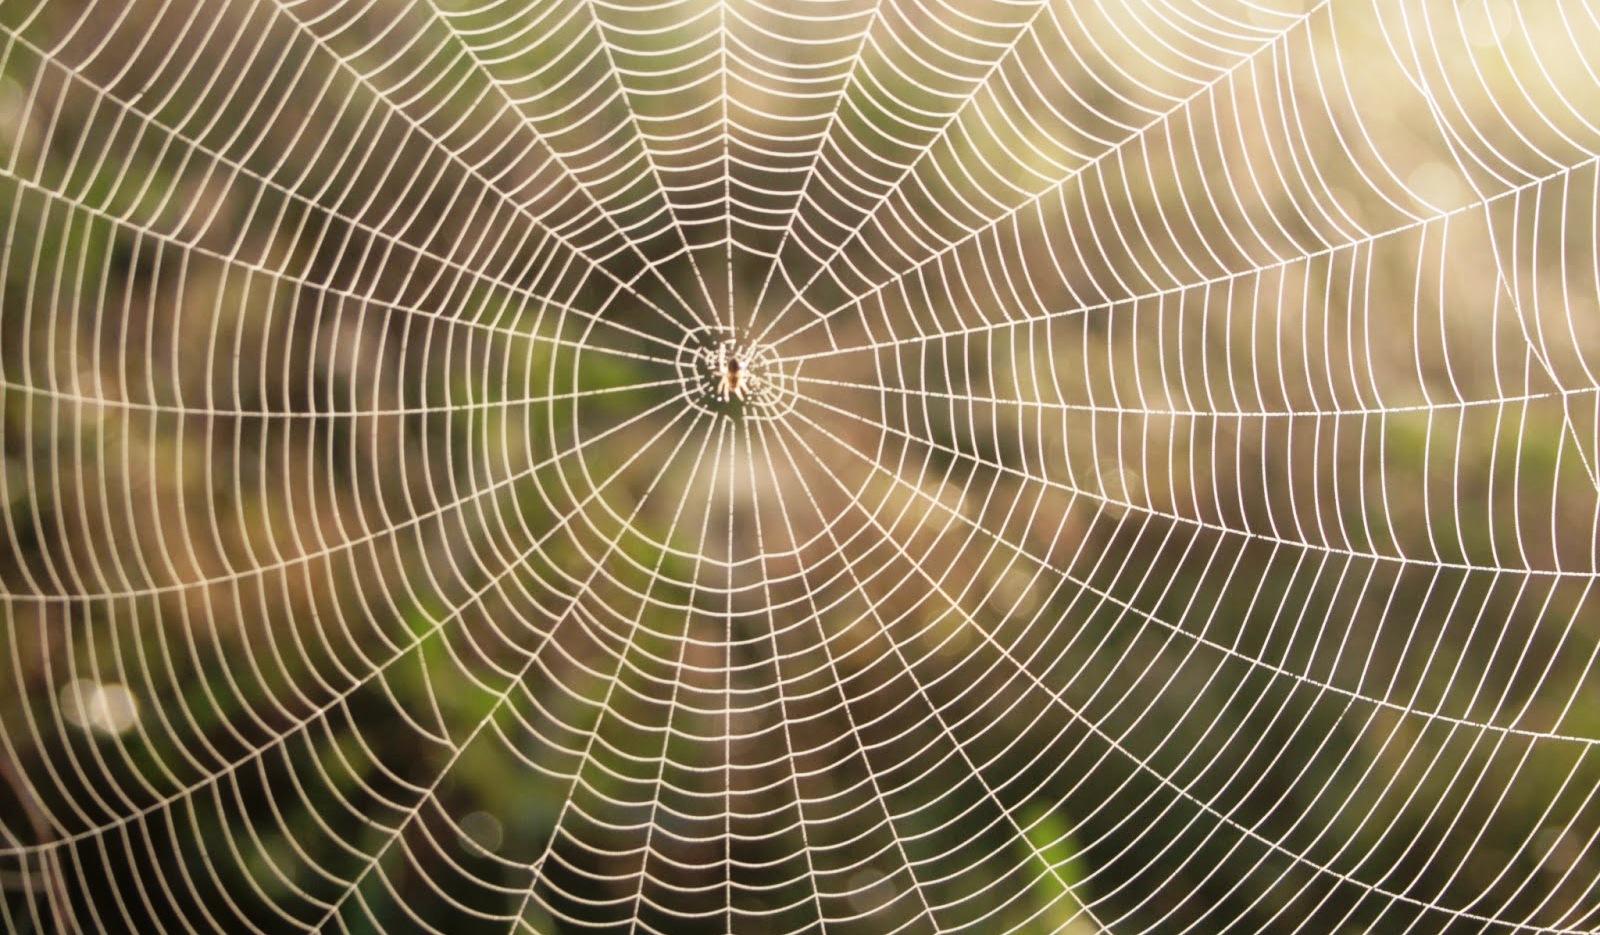 Roupa feita de teia de aranha irá chegar ao mercado